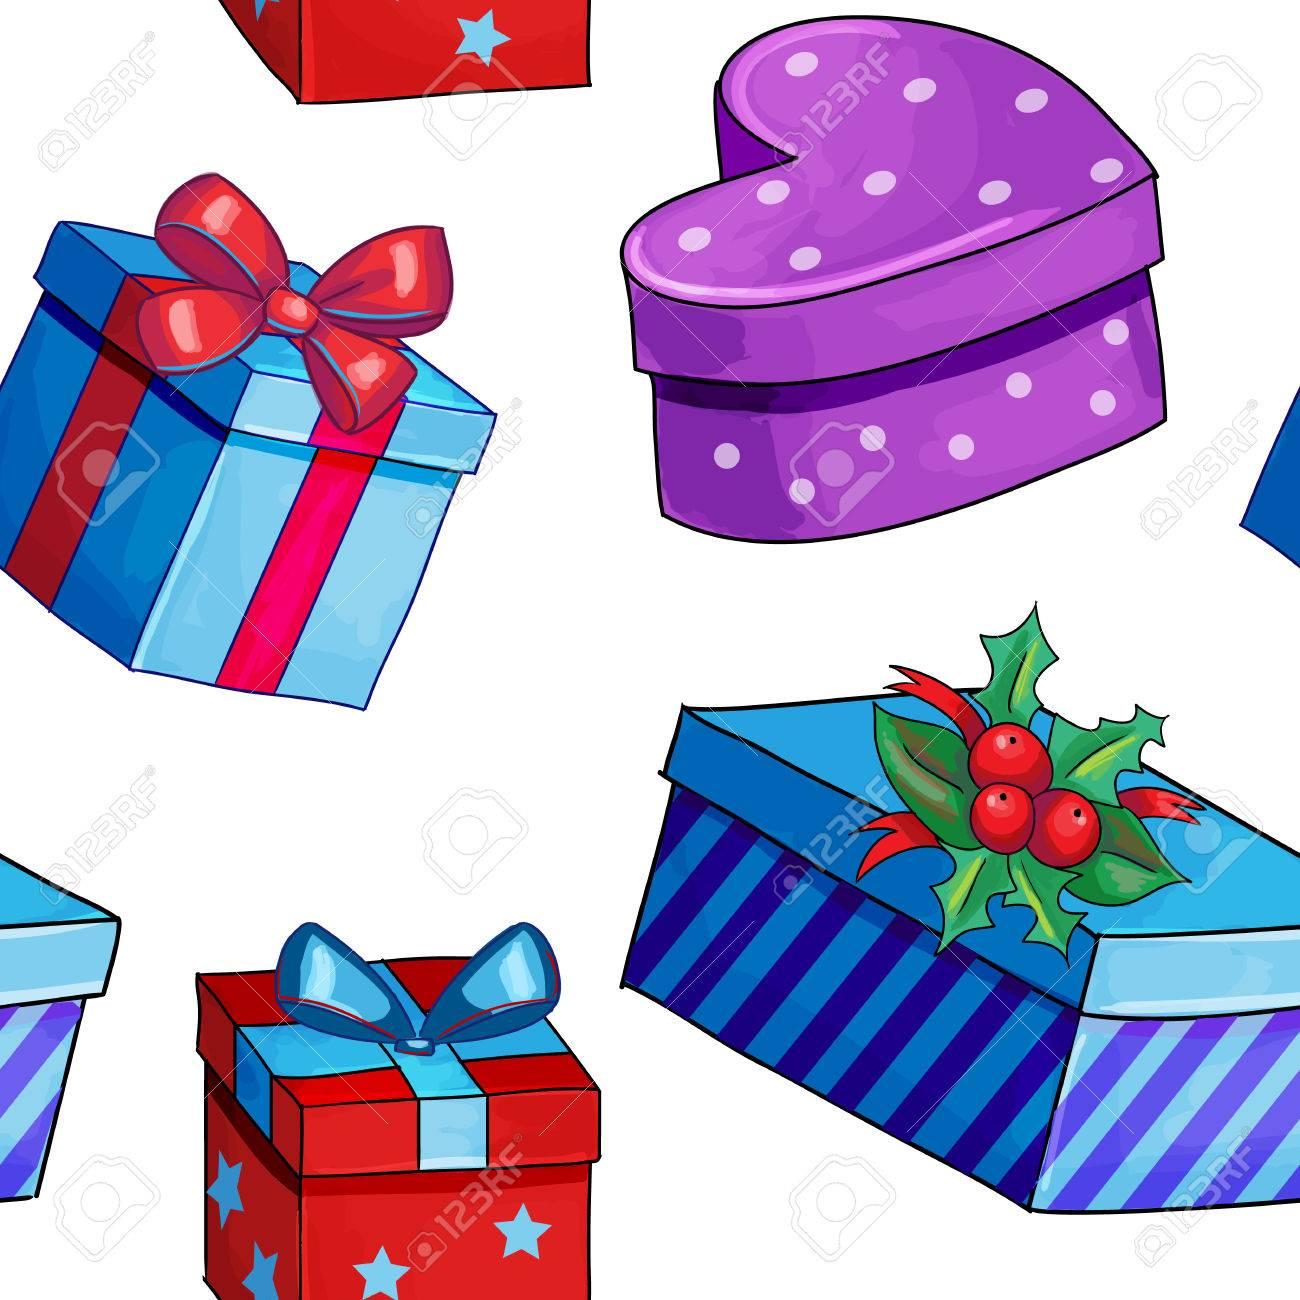 Estilo De Dibujos Animados Regalos De Navidad Y Regalos Azul Sin